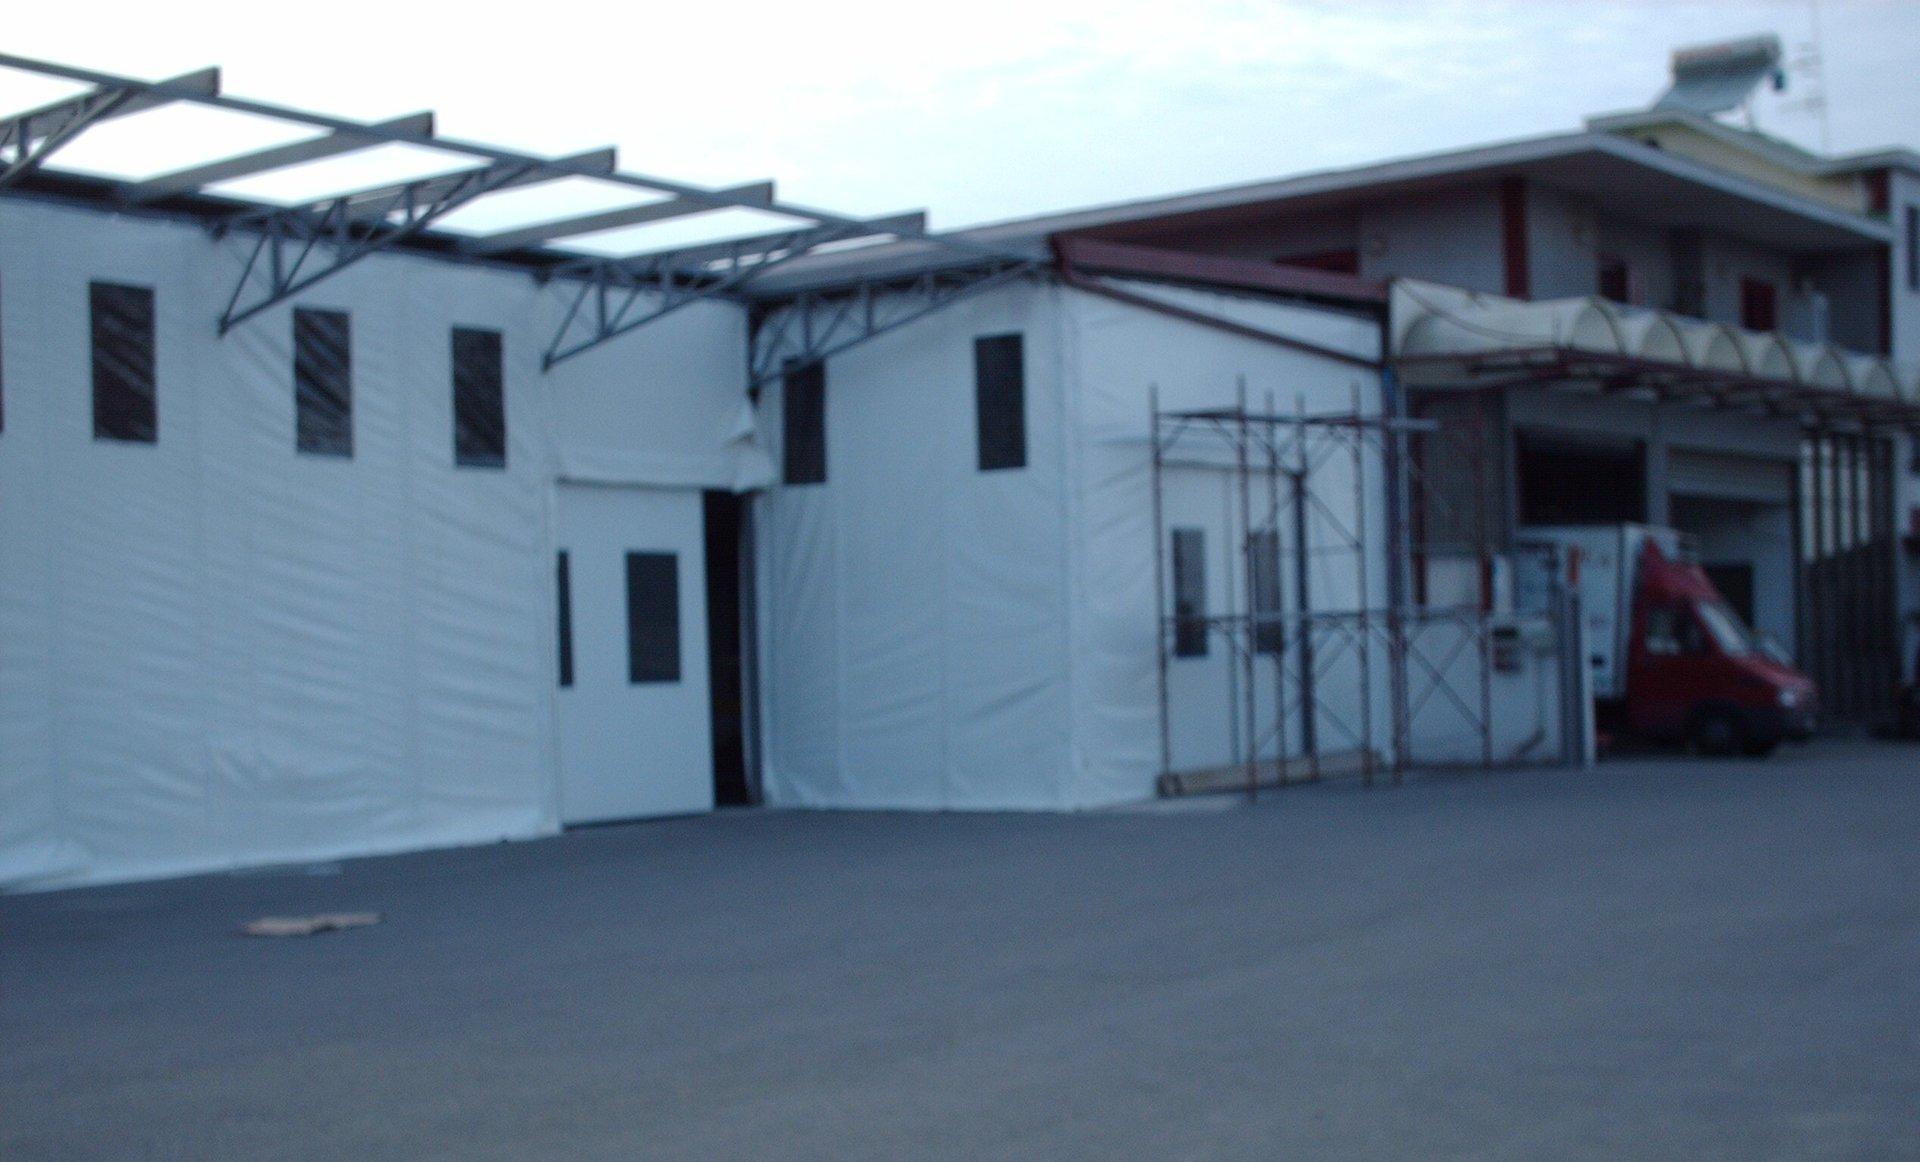 chiusura di un edificio con tende bianche